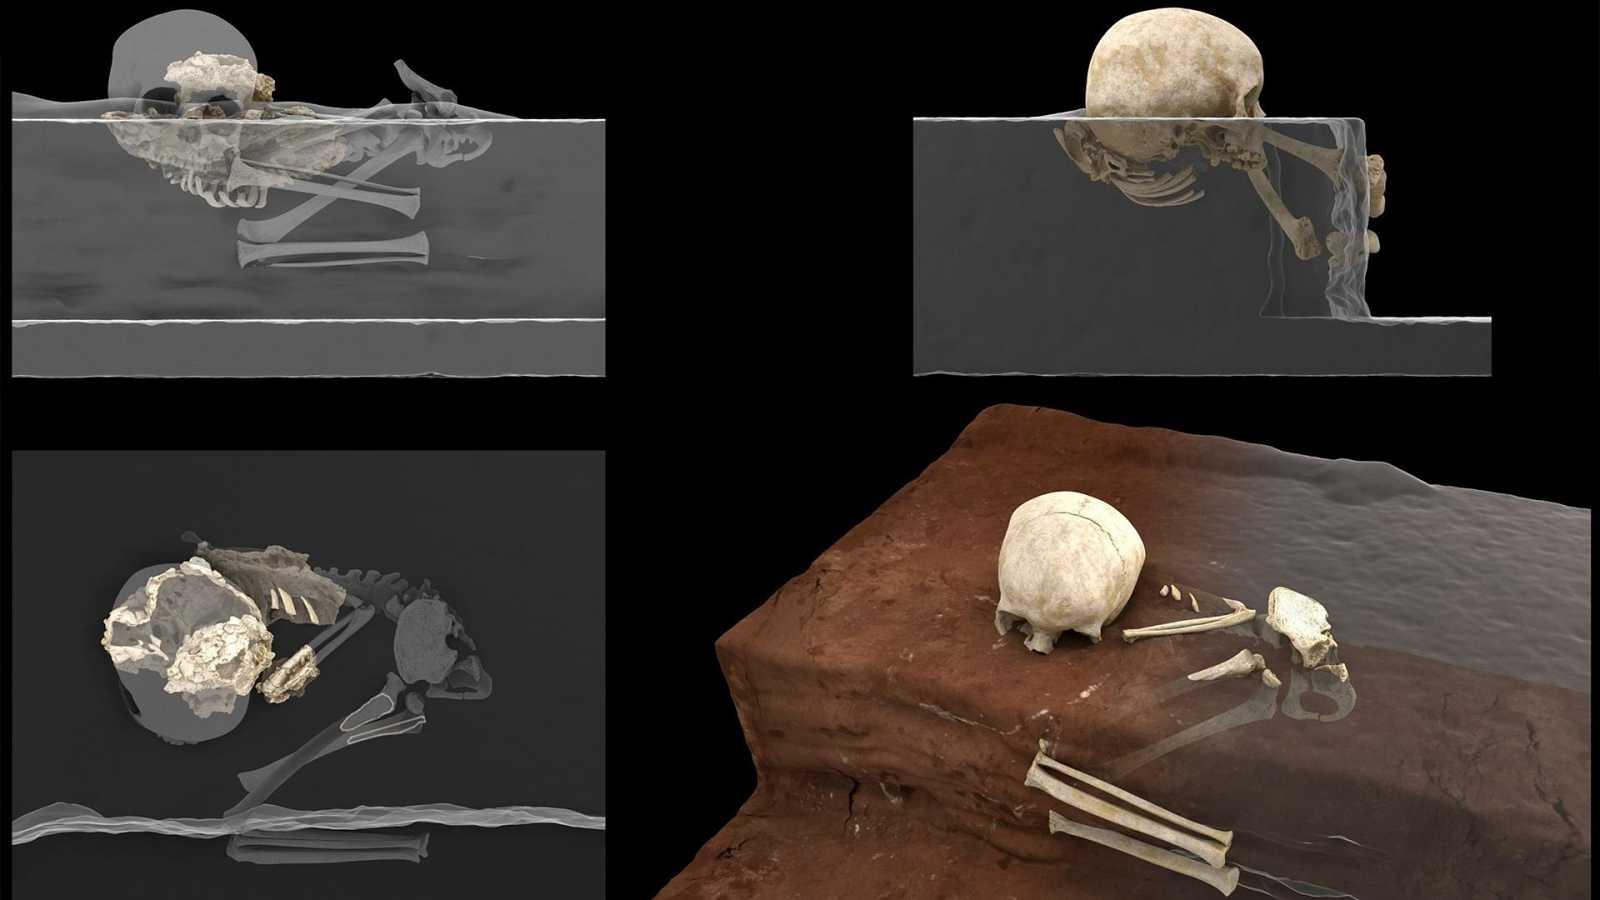 Descubren el enterramiento humano más antiguo en África, datado en 78.000 años